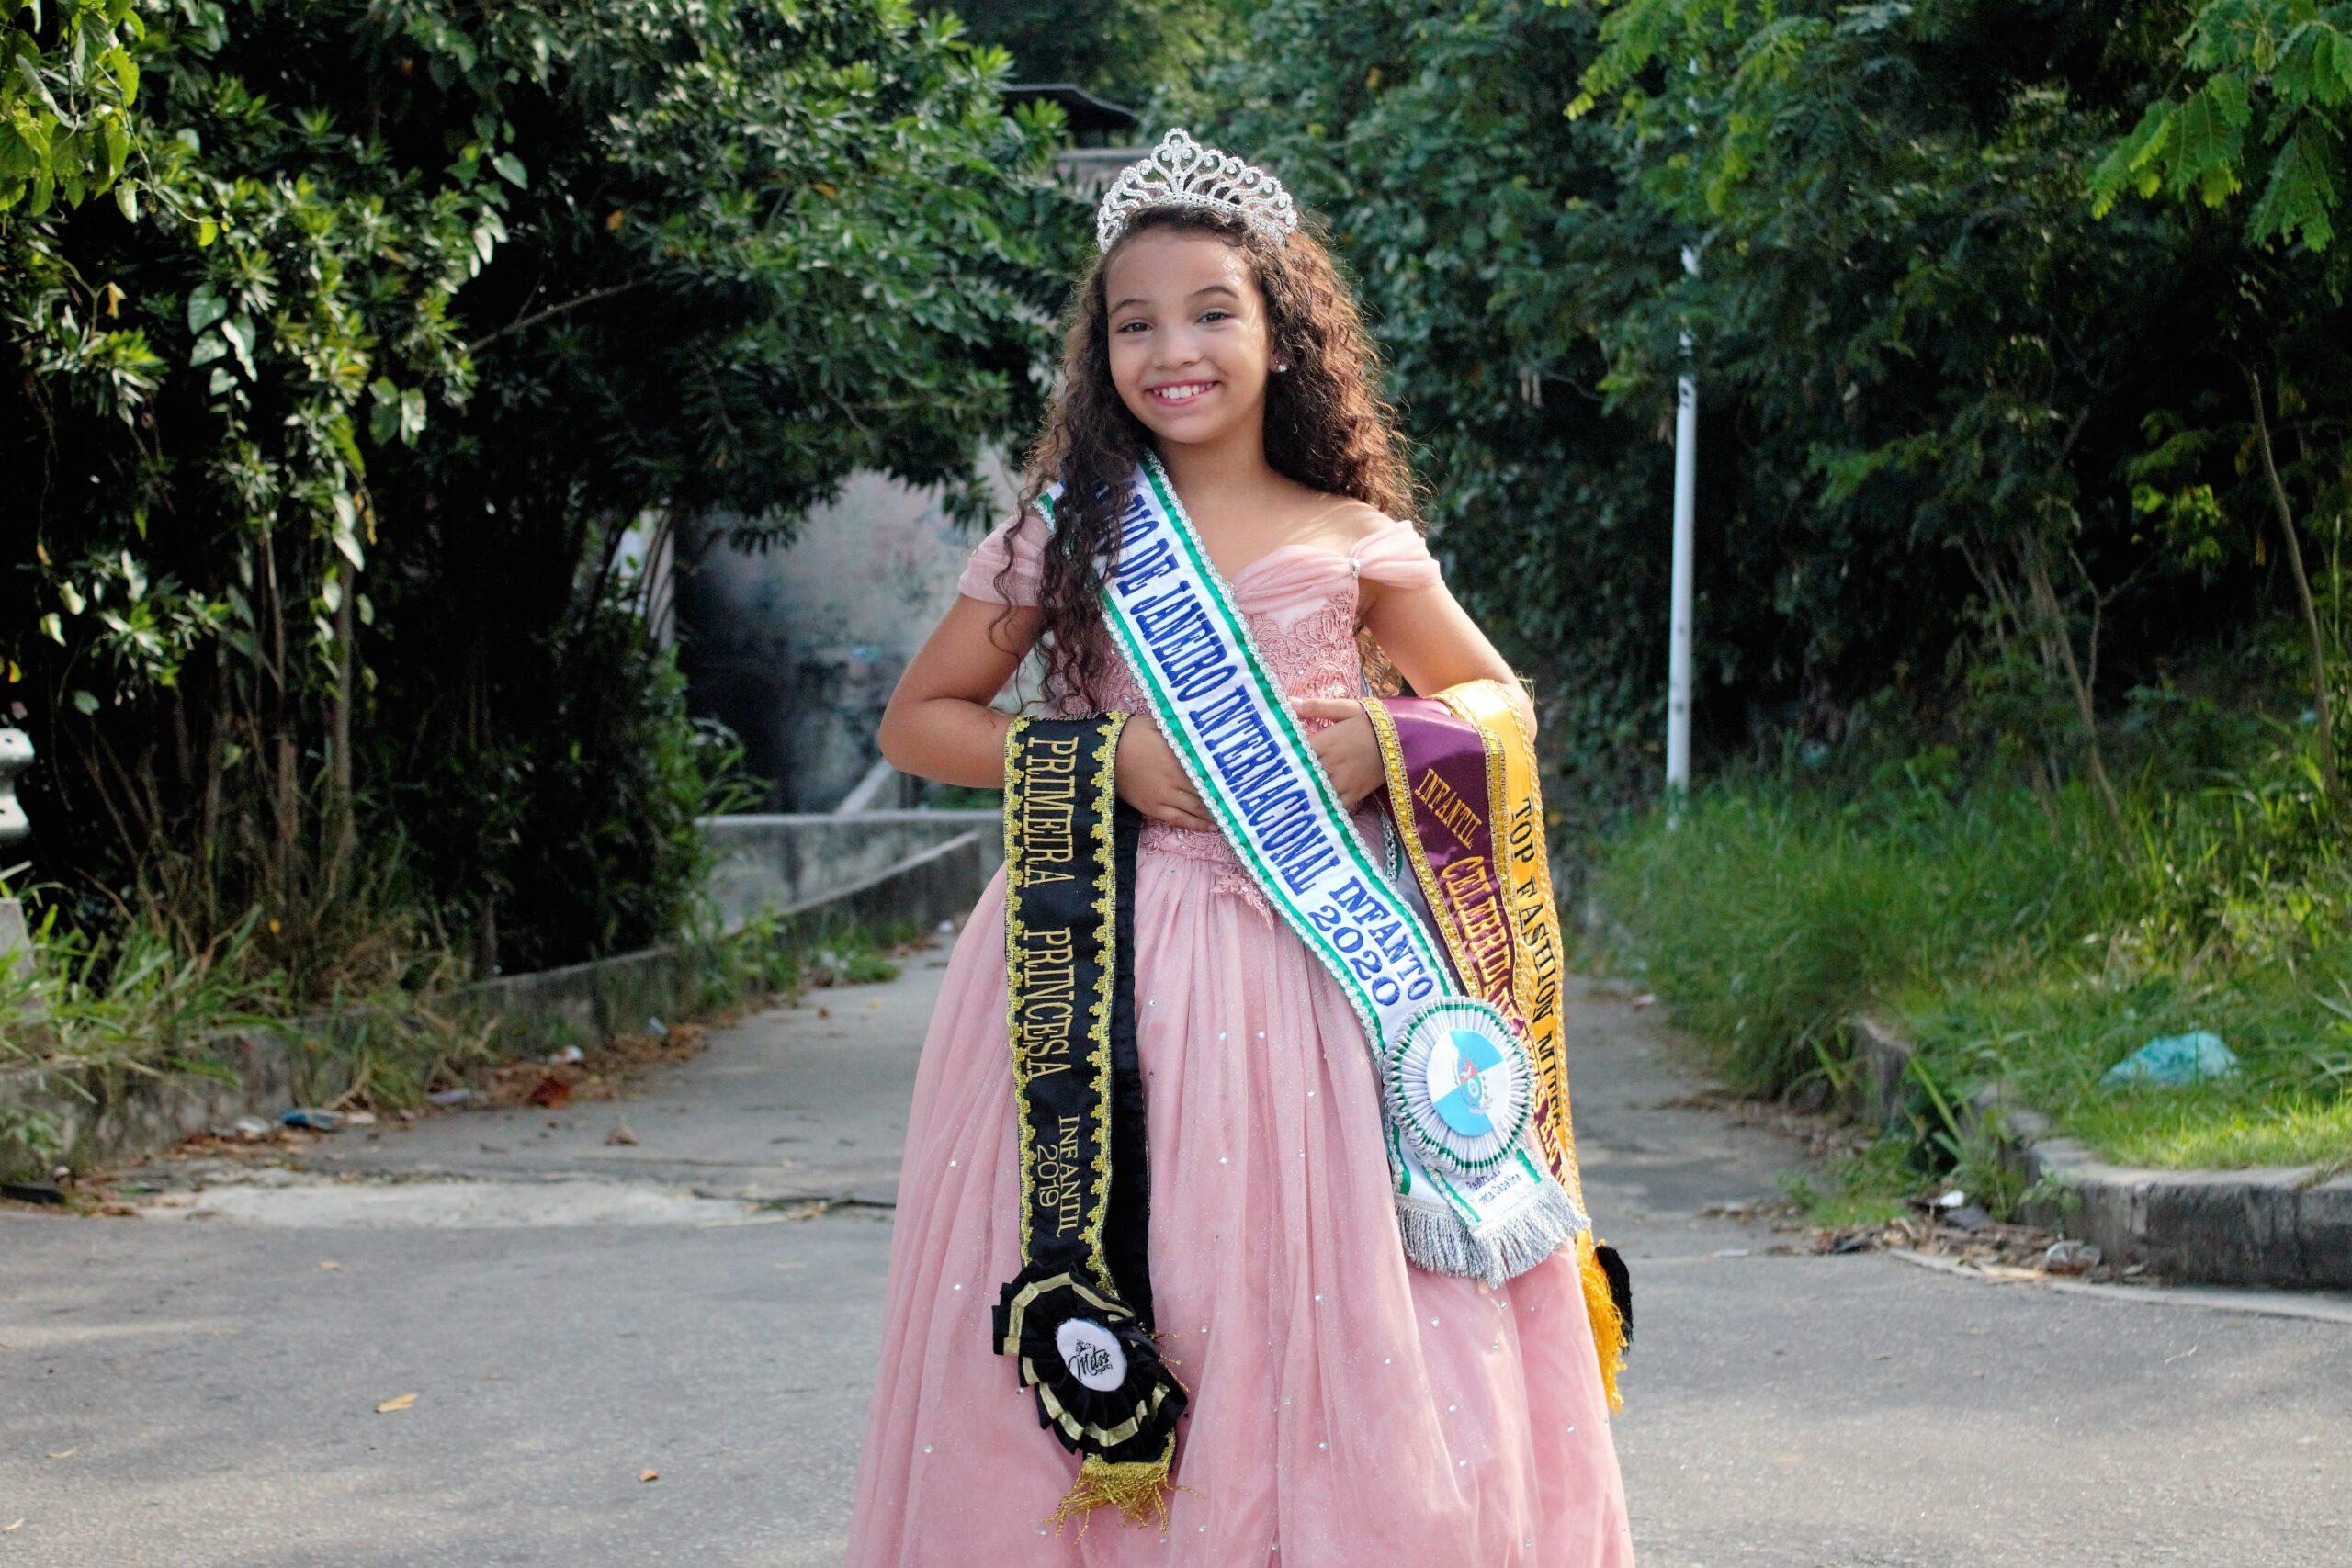 Miss do Alemão, Thayna Cristina é coroada 'Miss Rio de Janeiro internacional infanto 2020'